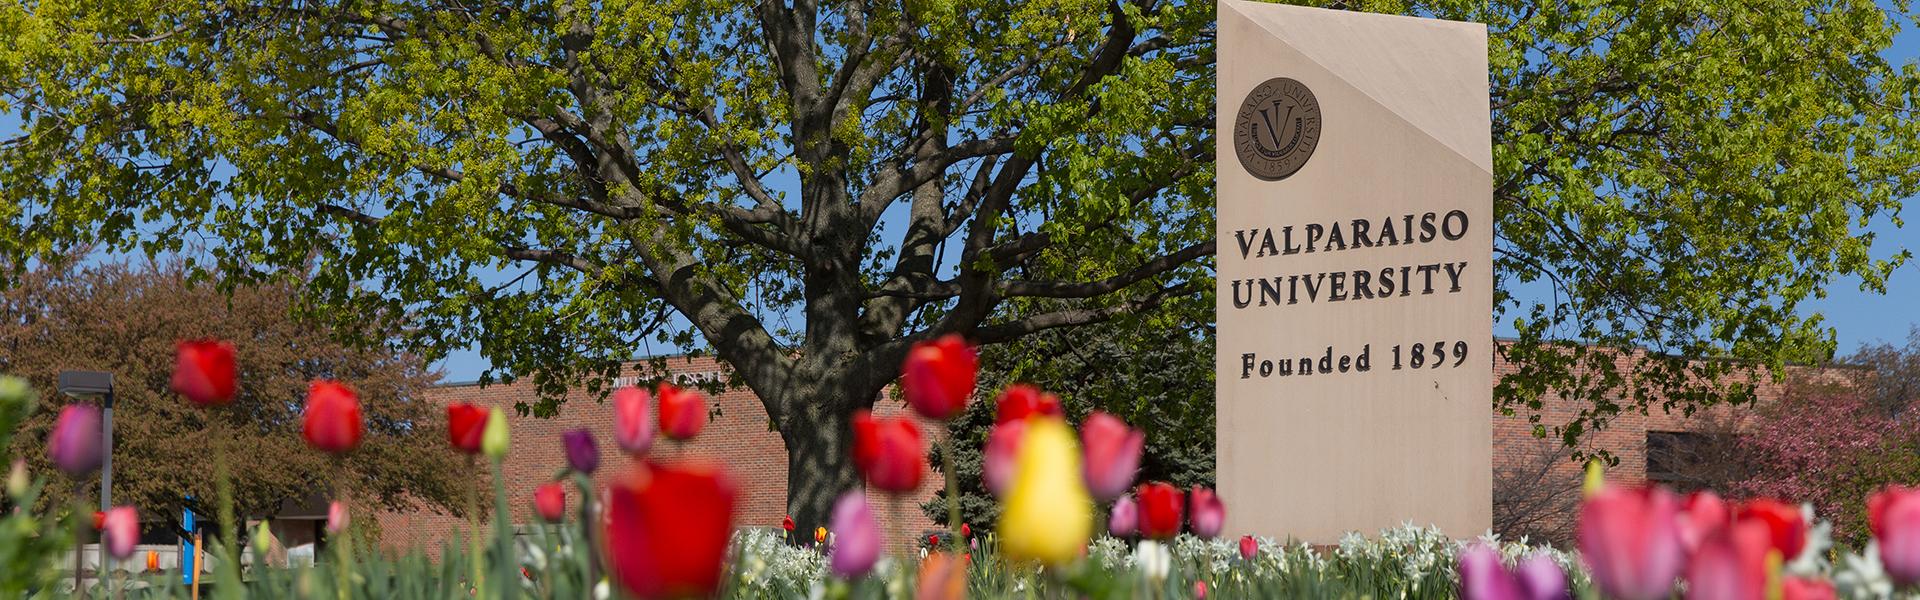 20150501-jlh-campus-spring-scenes-002